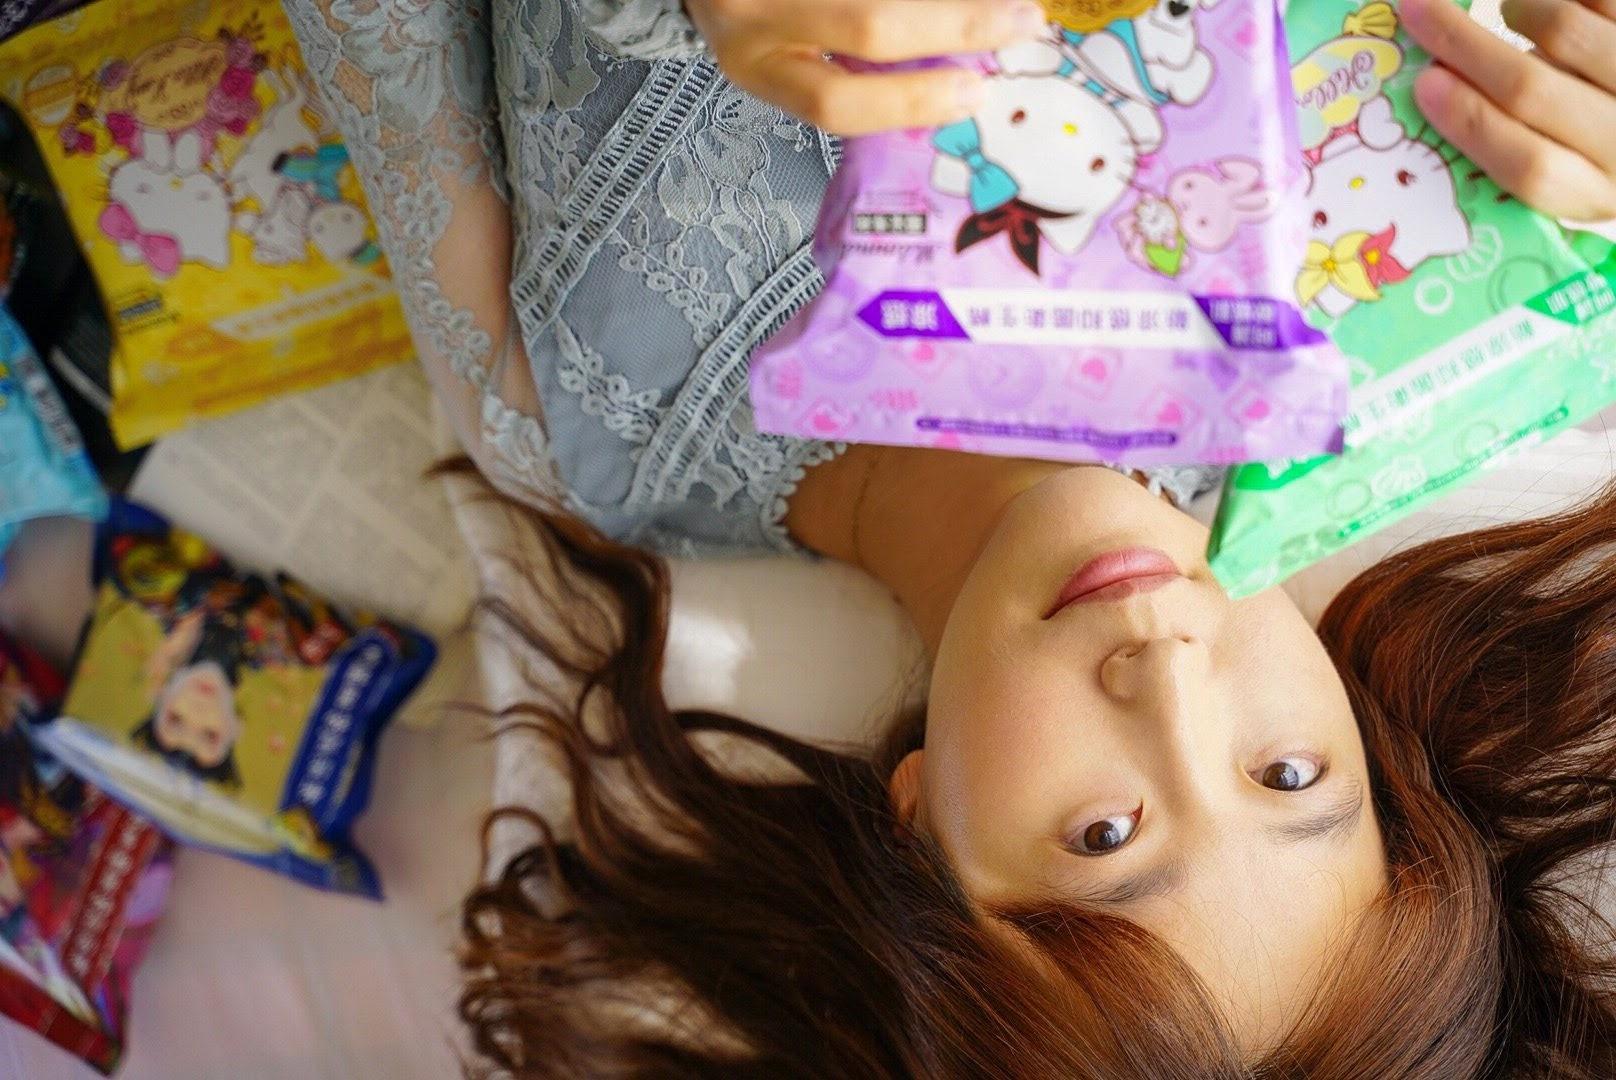 【新品開箱】Mdmmd. Her護妳(Hello Kitty/後宮系列) 涼感任選敏感肌衛生棉 第三代升級上市